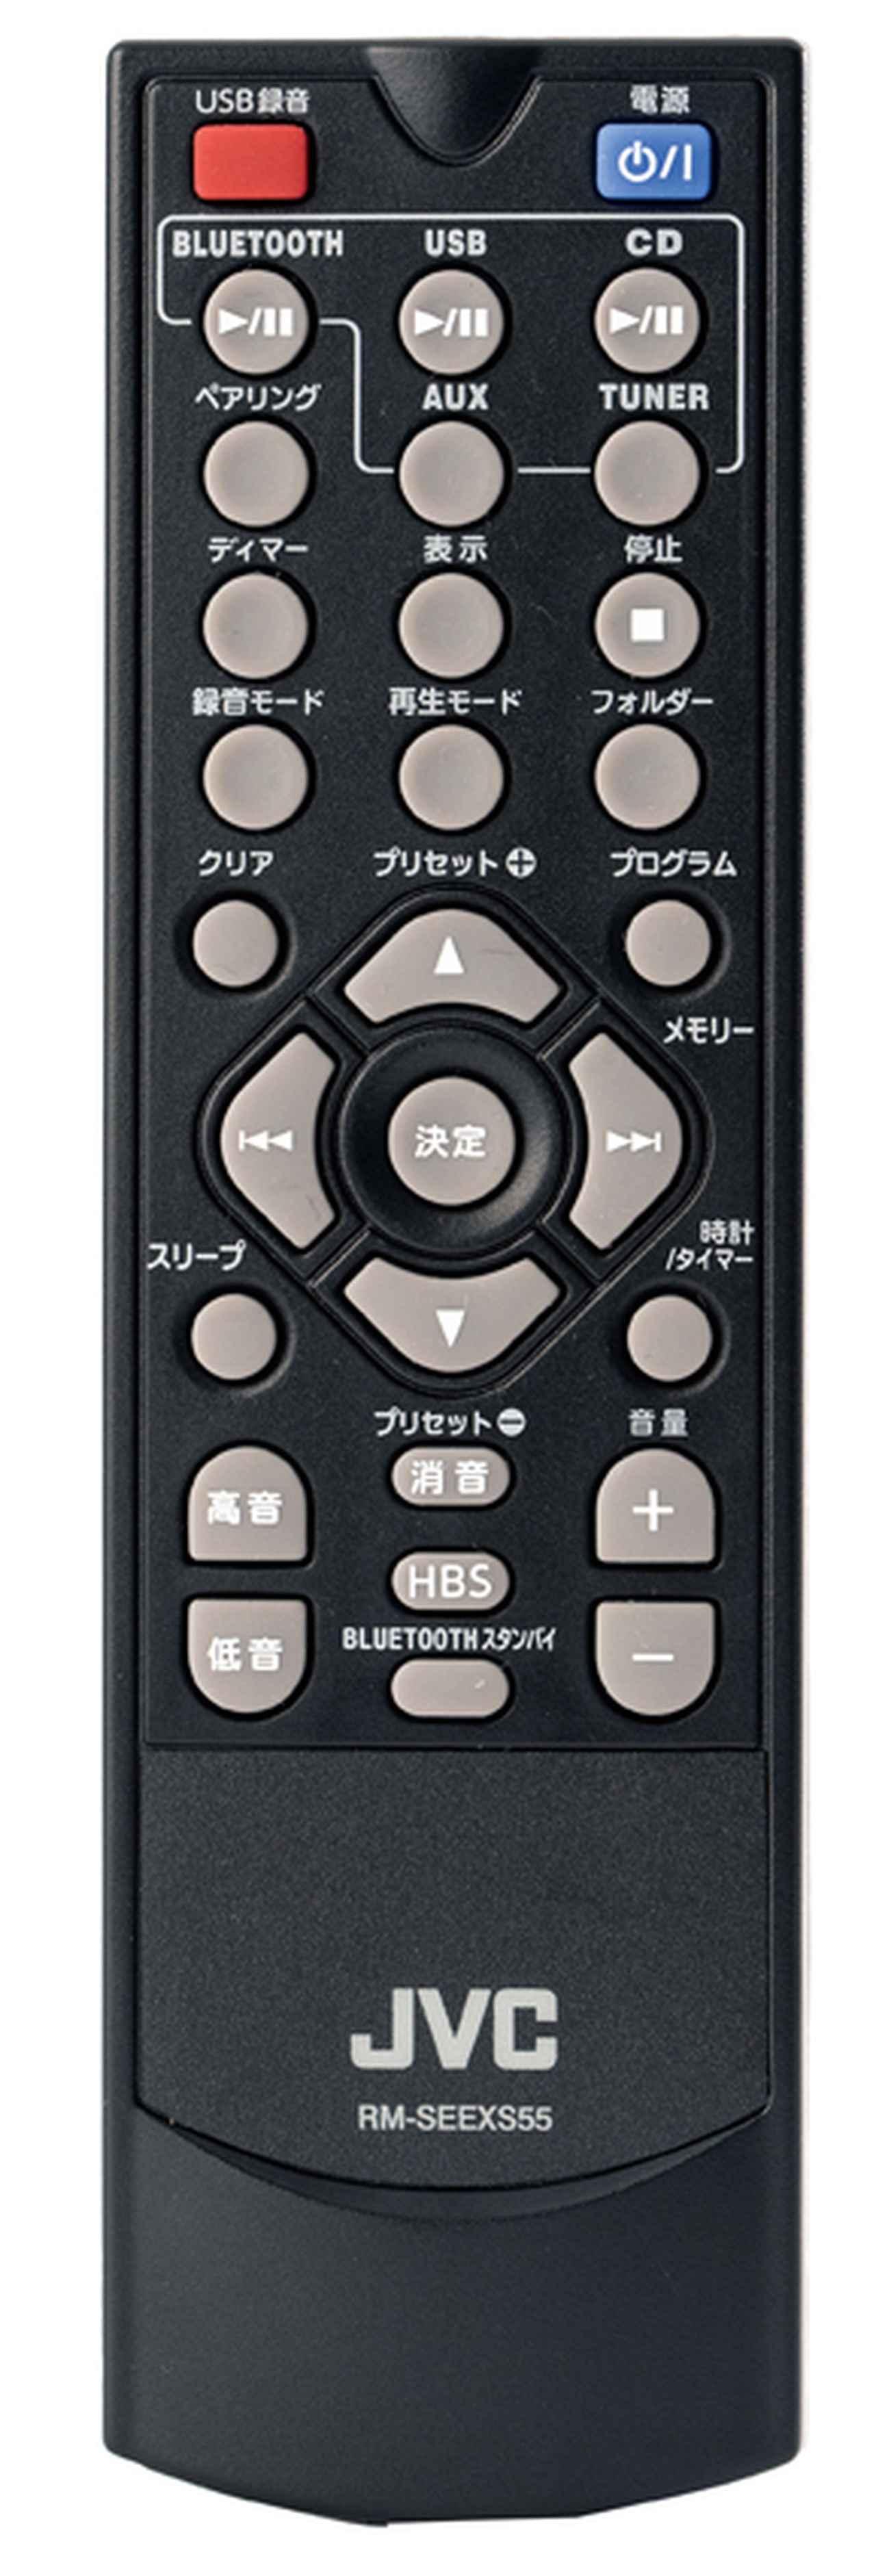 画像: さまざまな機能をダイレクトに呼び出せるボタンを装備し、快適に使えるリモコン。